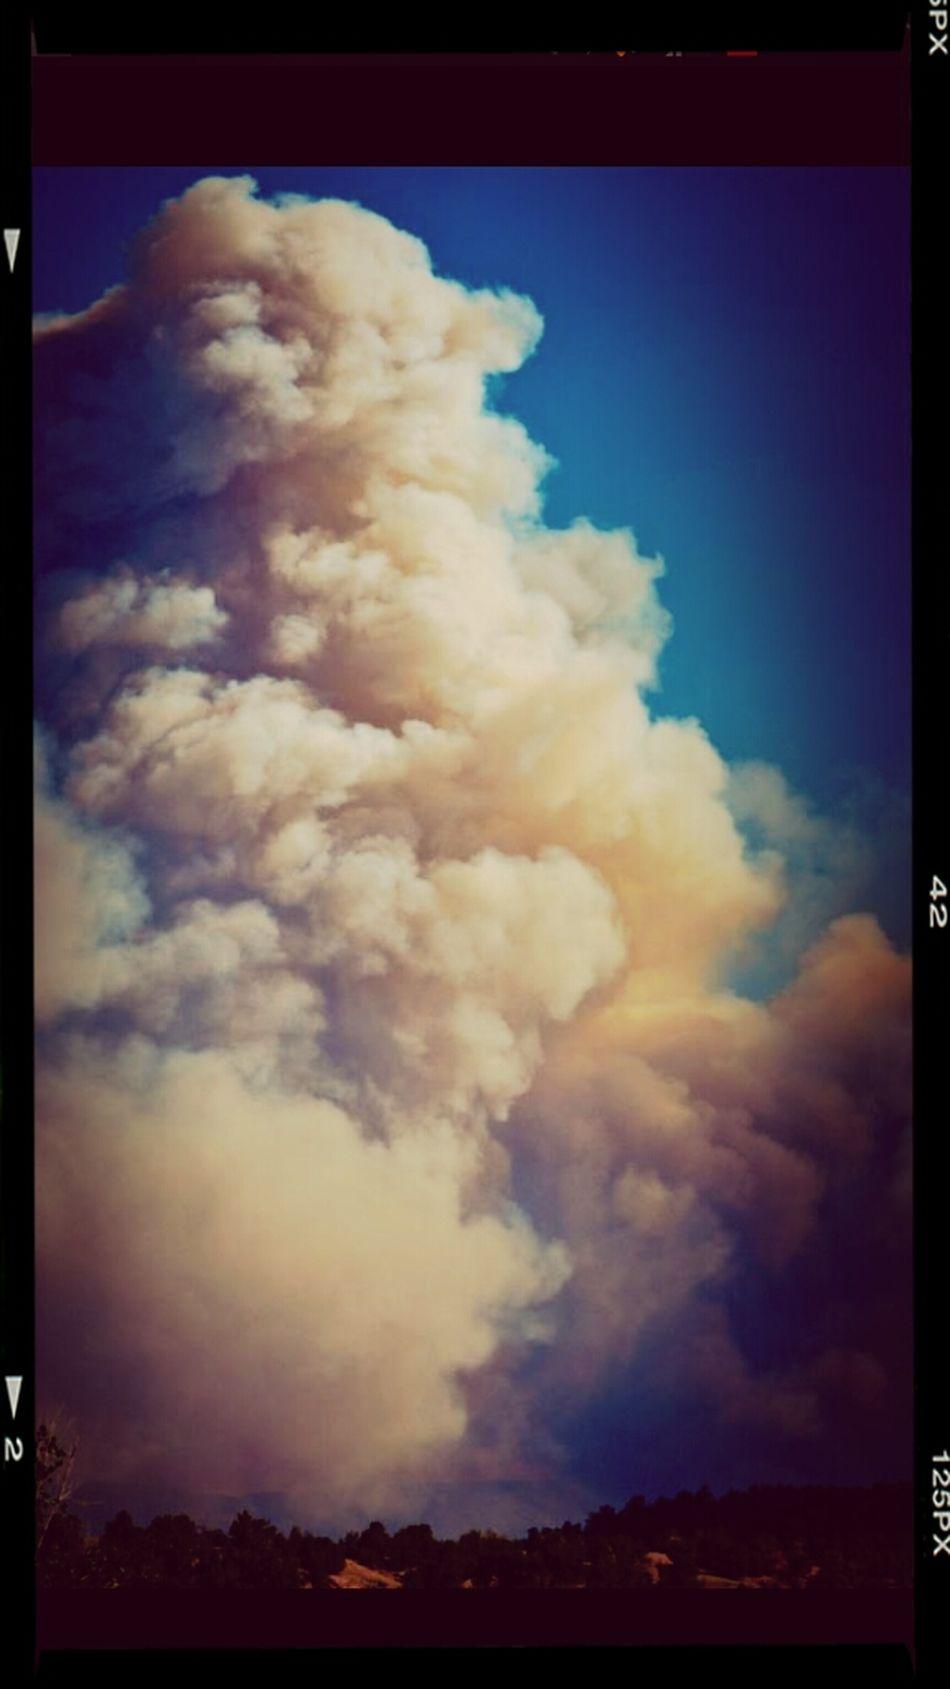 #coloradoonfire